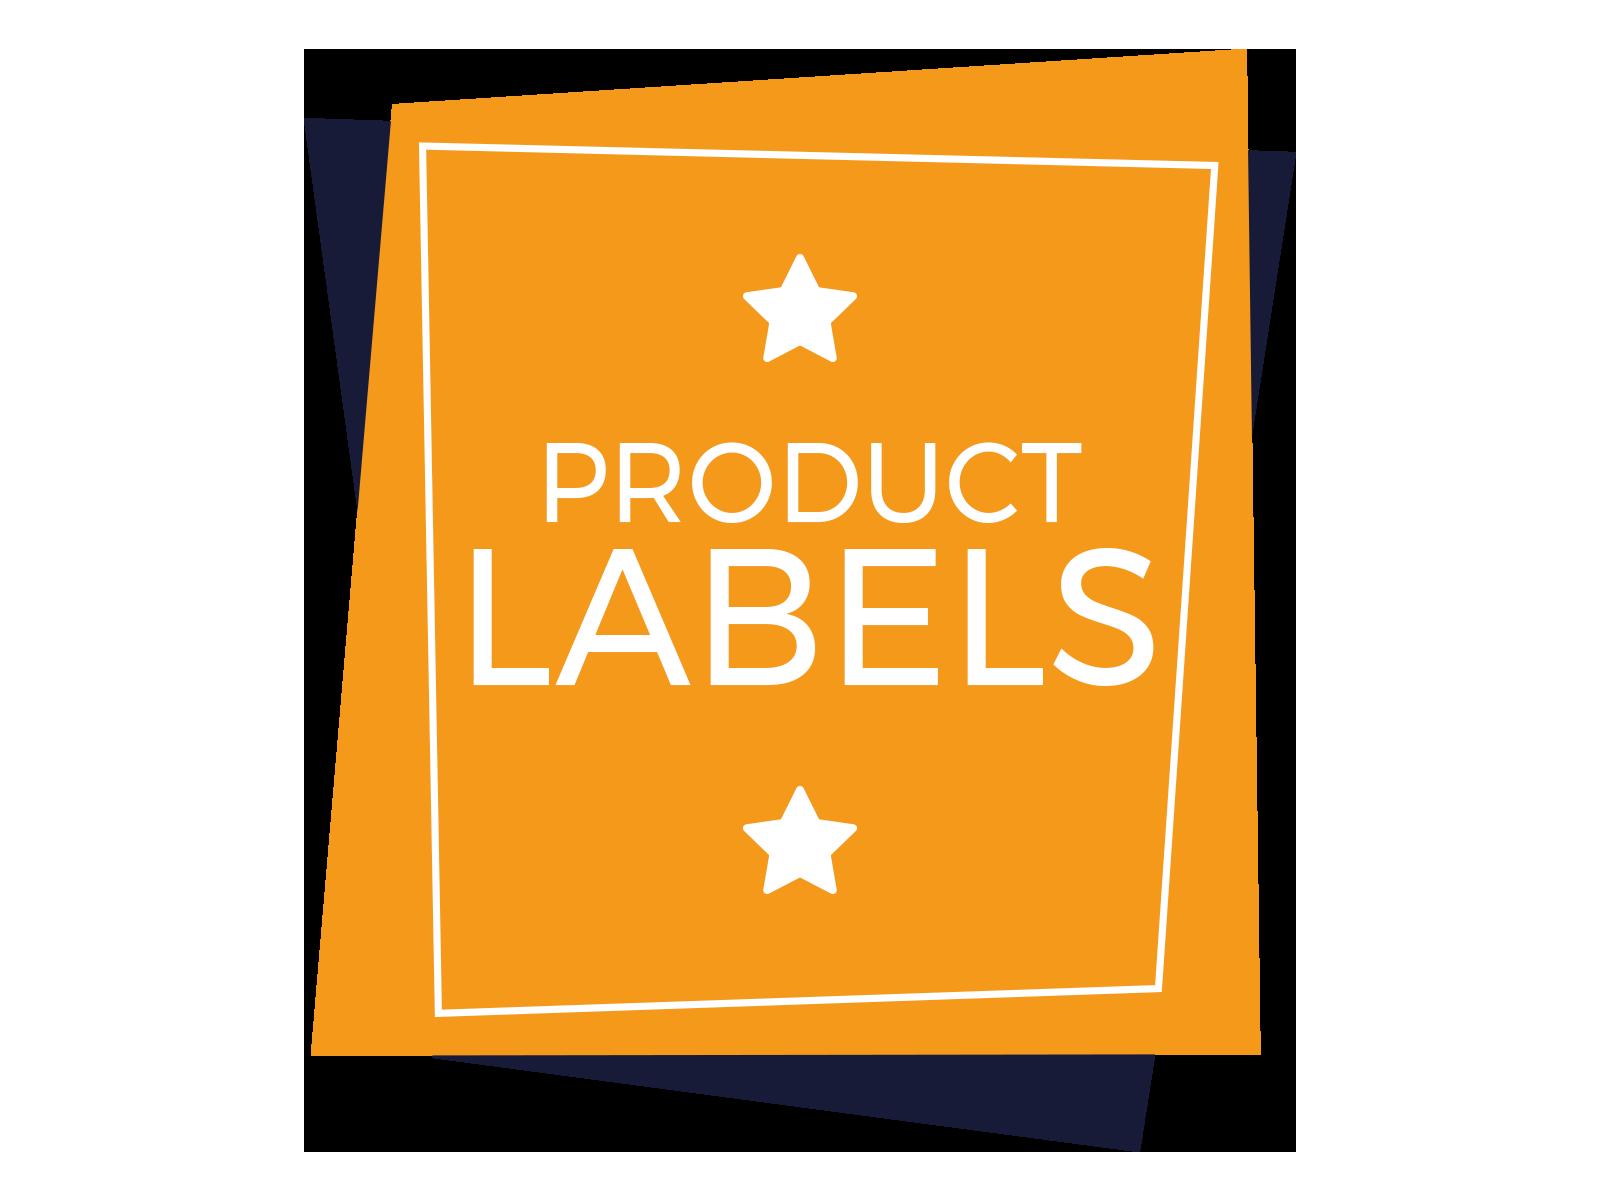 mobiele app - product labels